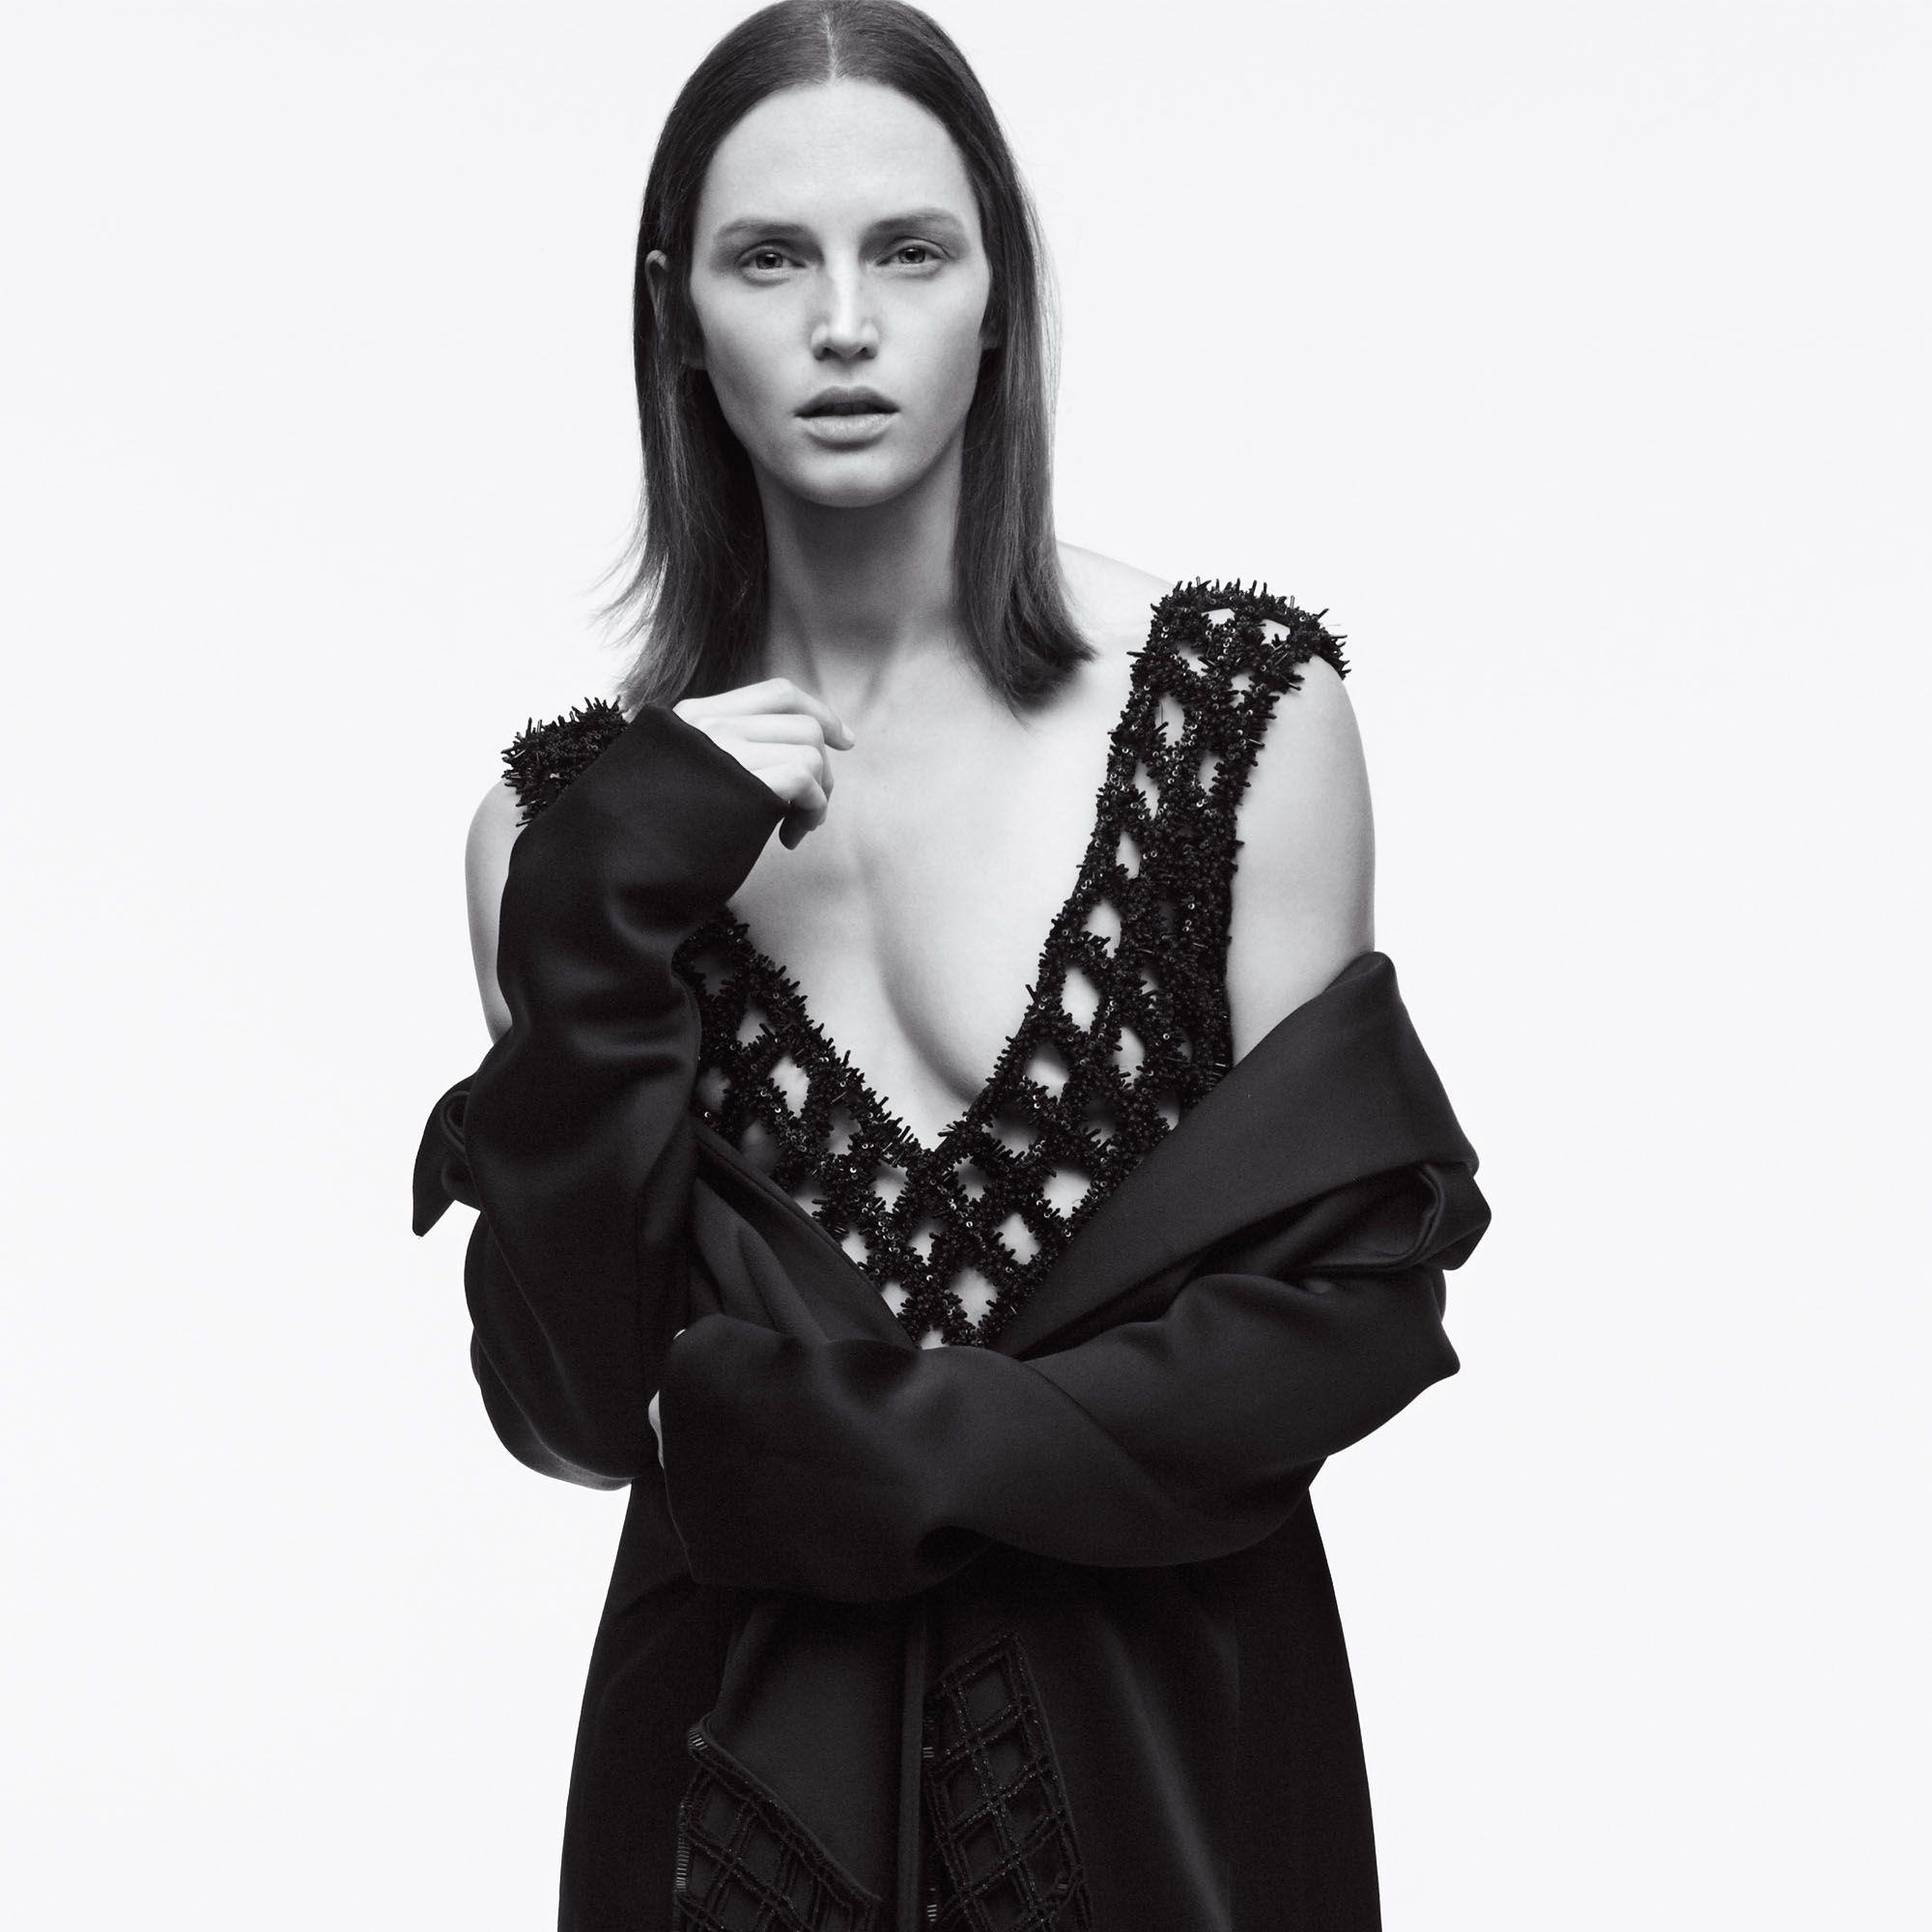 <strong>Balenciaga</strong> coat, $6,650&nbsp&#x3B; and dress, $39,500, Similar styles available at Balenciaga NYC, 212-206-0872.